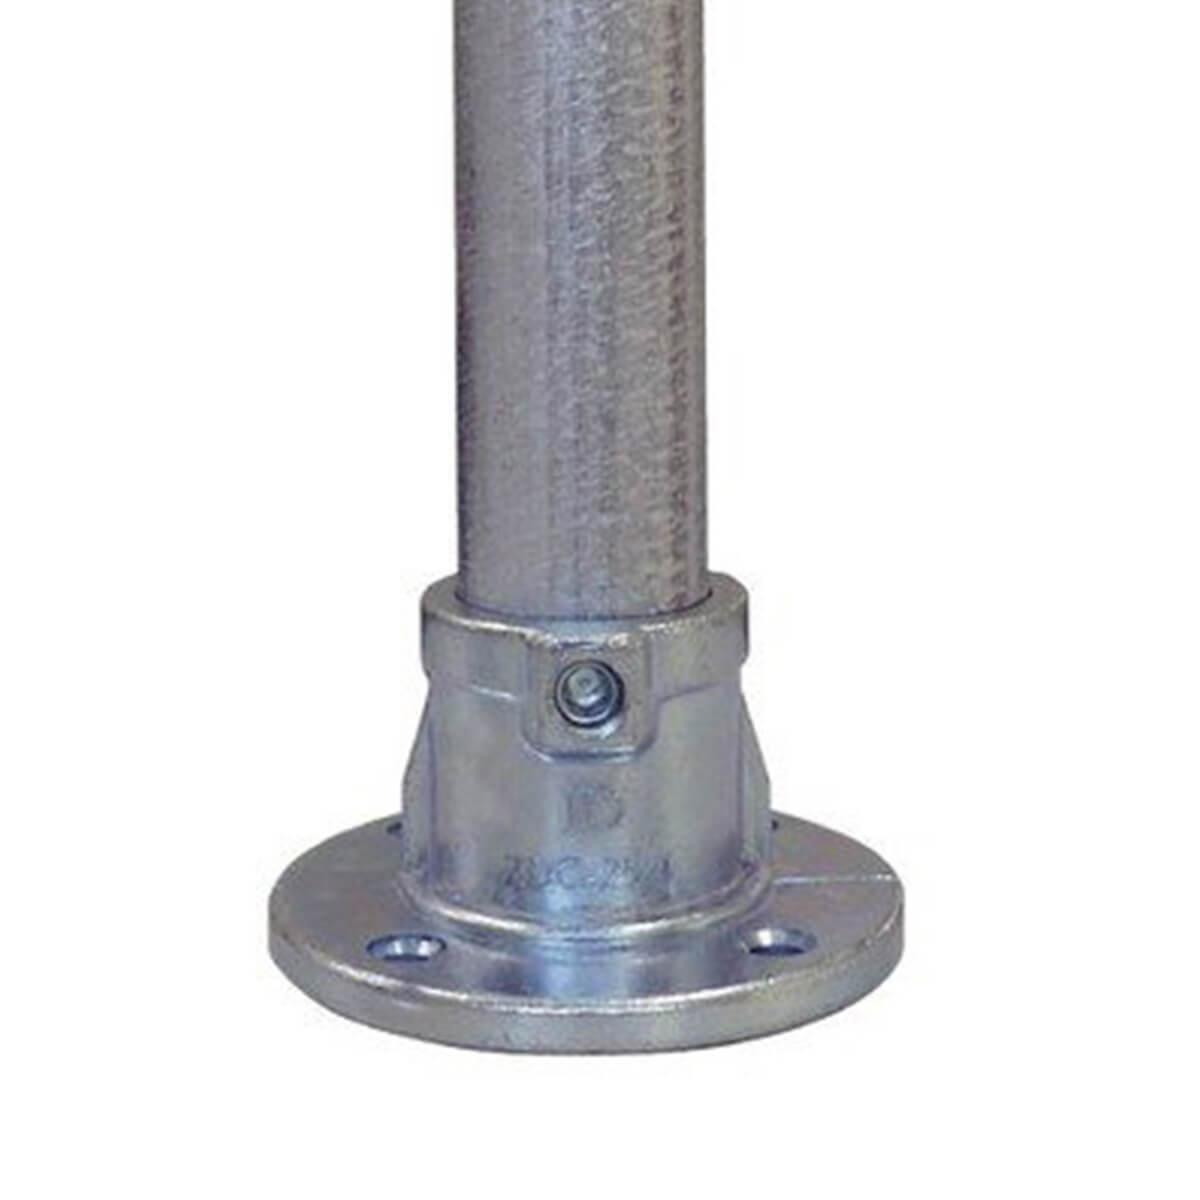 パイプクランパー ベース 黒 Φ25.4 DIY-ID